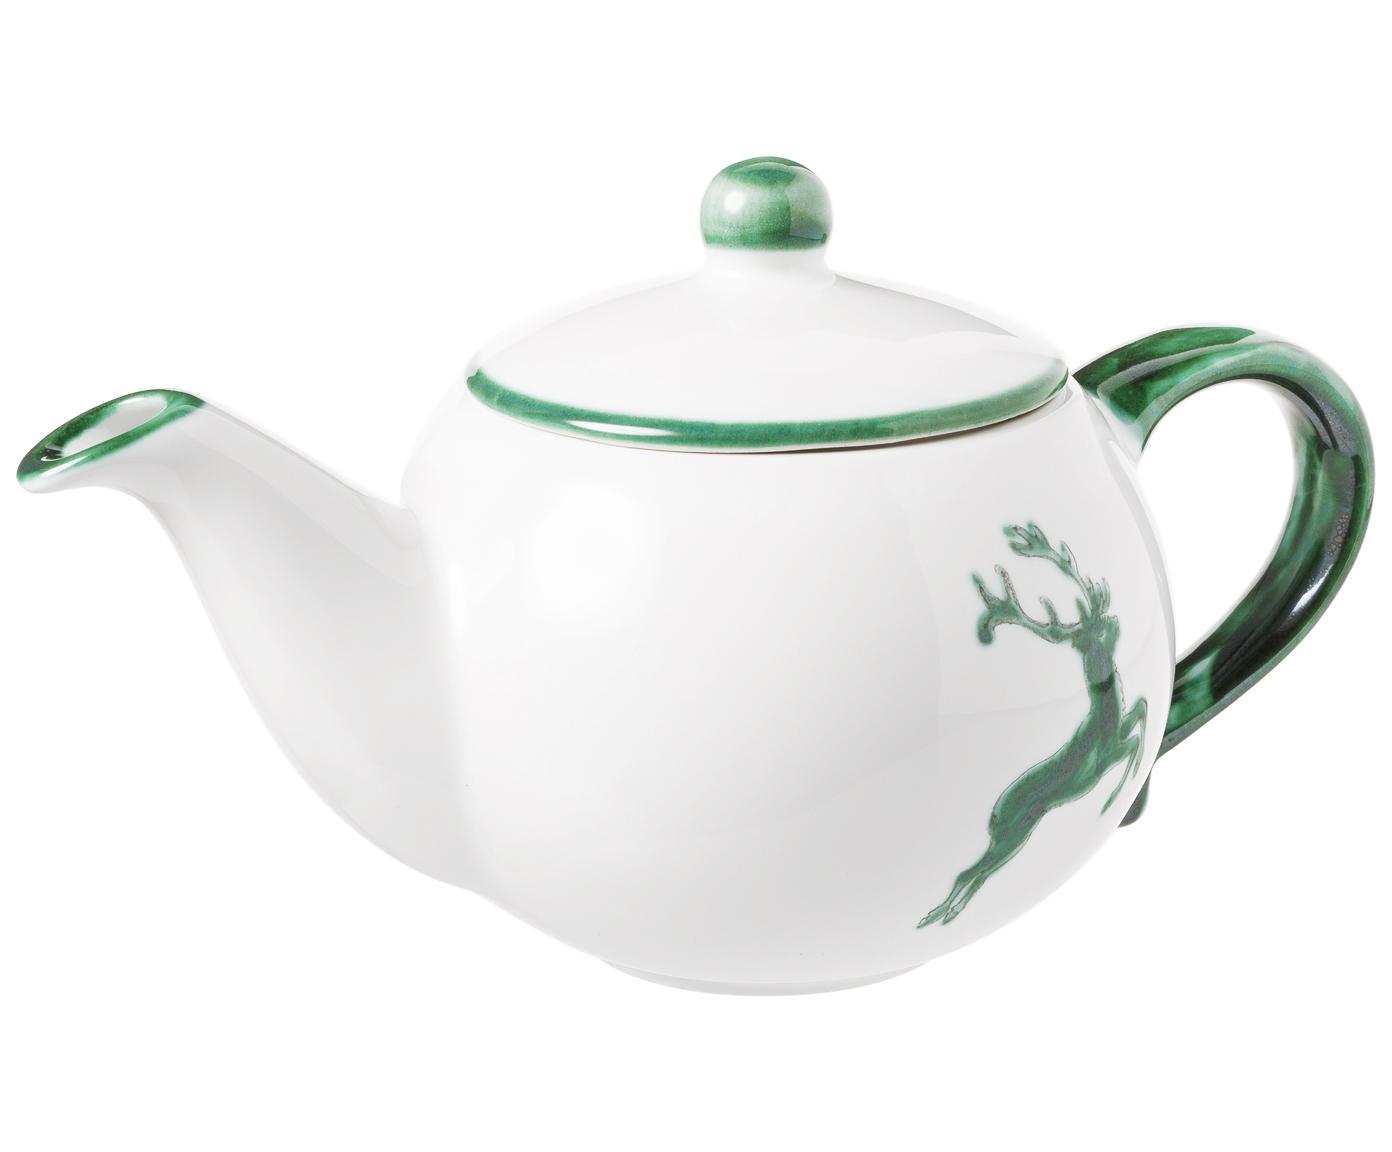 Ręcznie malowany czajnik Classic Grüner Hirsch, Ceramika, Zielony, biały, 500 ml